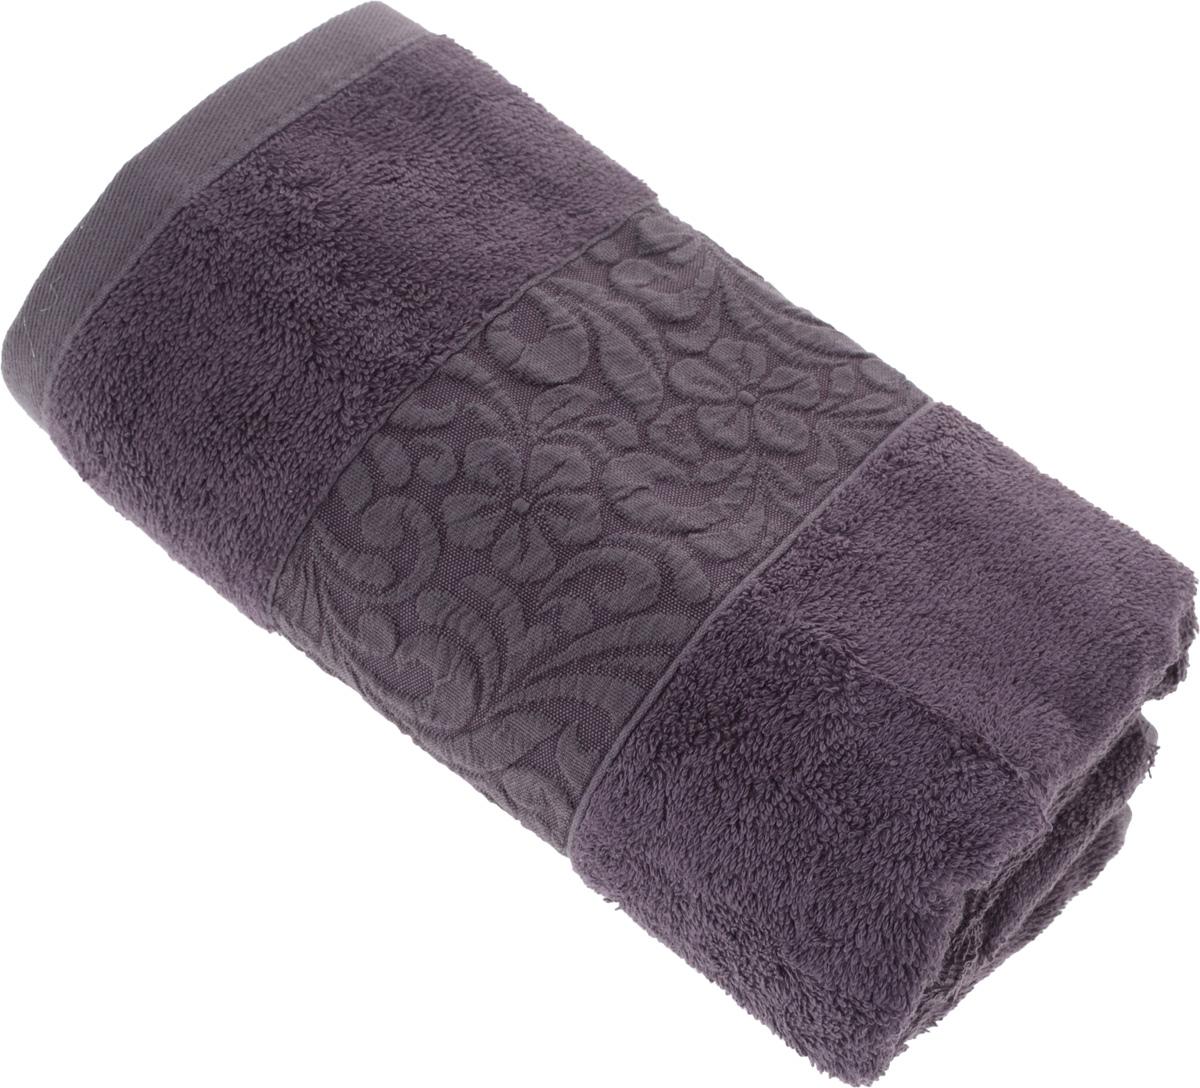 Полотенце бамбуковое Issimo Home Valencia, цвет: пурпурный, 50 x 90 см4792Полотенце Issimo Home Valencia выполнено из 60% бамбукового волокна и 40% хлопка. Таким полотенцем не нужно вытираться - только коснитесь кожи - и ткань сама все впитает. Такая ткань впитывает в 3 раза лучше, чем хлопок. Несмотря на высокую плотность, полотенце быстро сохнет, остается легкими даже при намокании. Изделие имеет красивый жаккардовый бордюр, оформленный цветочным орнаментом. Благородные, классические тона создадут уют и подчеркнут лучшие качества махровой ткани, а сочные, яркие, летние оттенки создадут ощущение праздника и наполнят дом энергией. Красивая, стильная упаковка этого полотенца делает его уже готовым подарком к любому случаю.